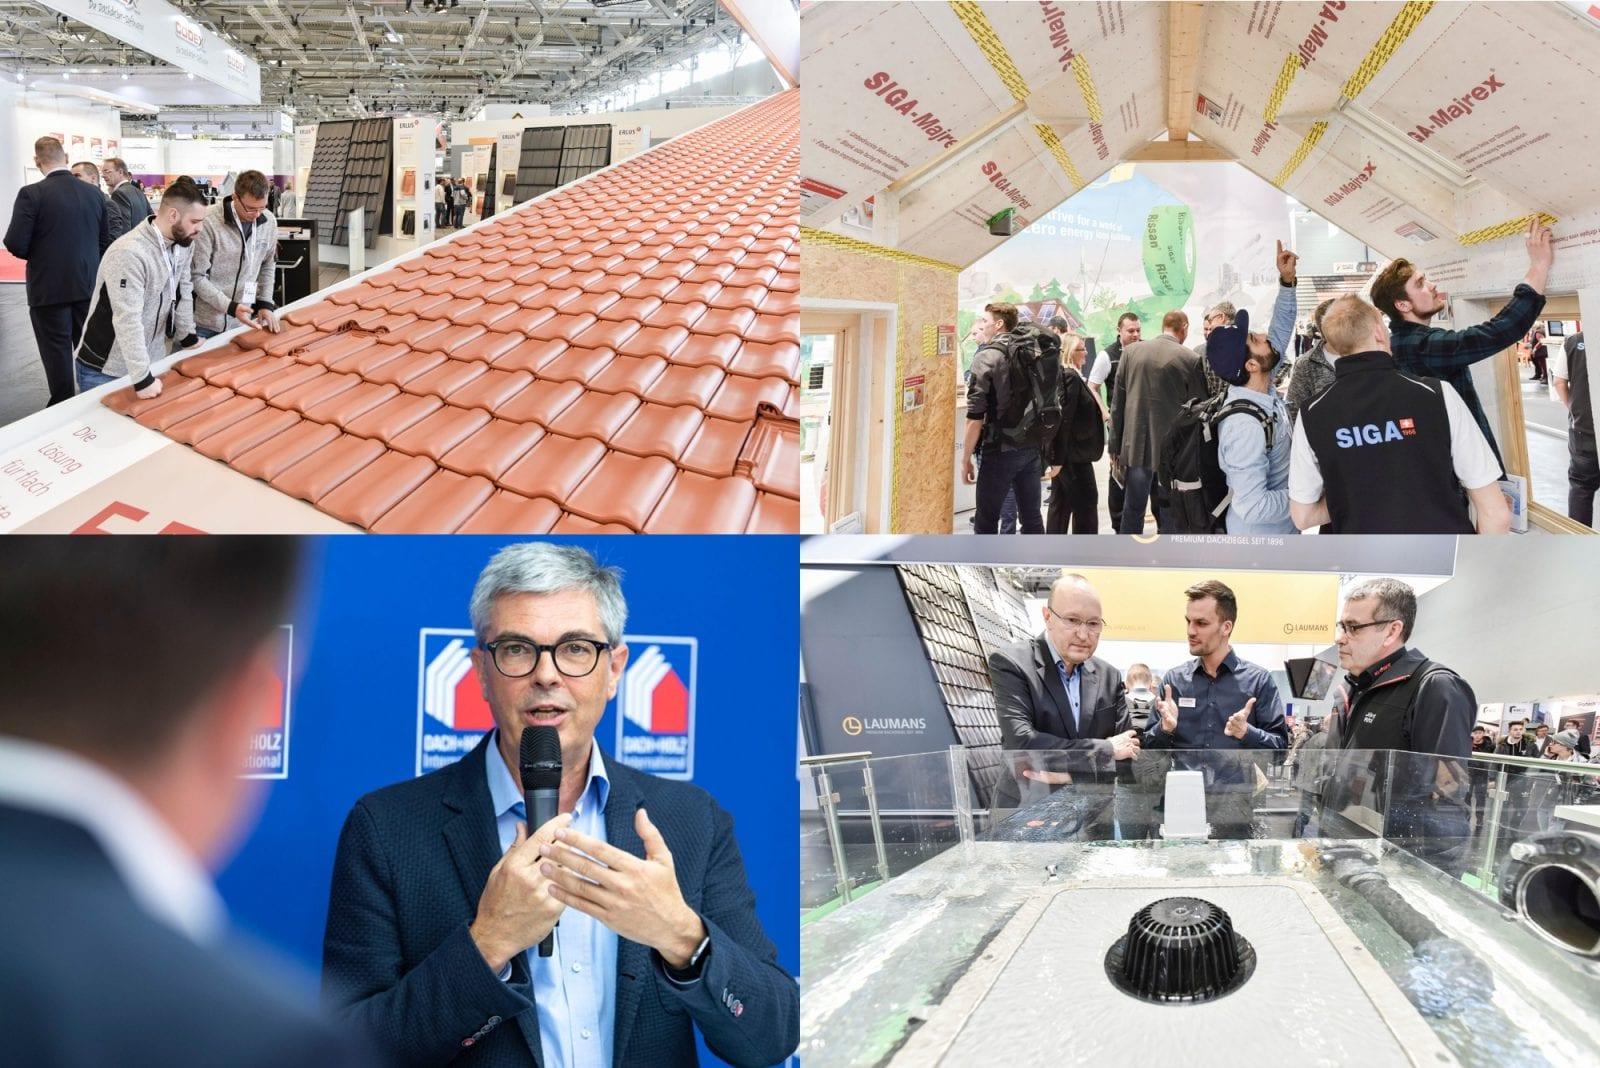 Alles zu Dach, Fassade & Holzbau: Die Messe DACH+HOLZ International ist für Handwerker, Architekten und Planer ein Pflichttermin. Fotos: GHM